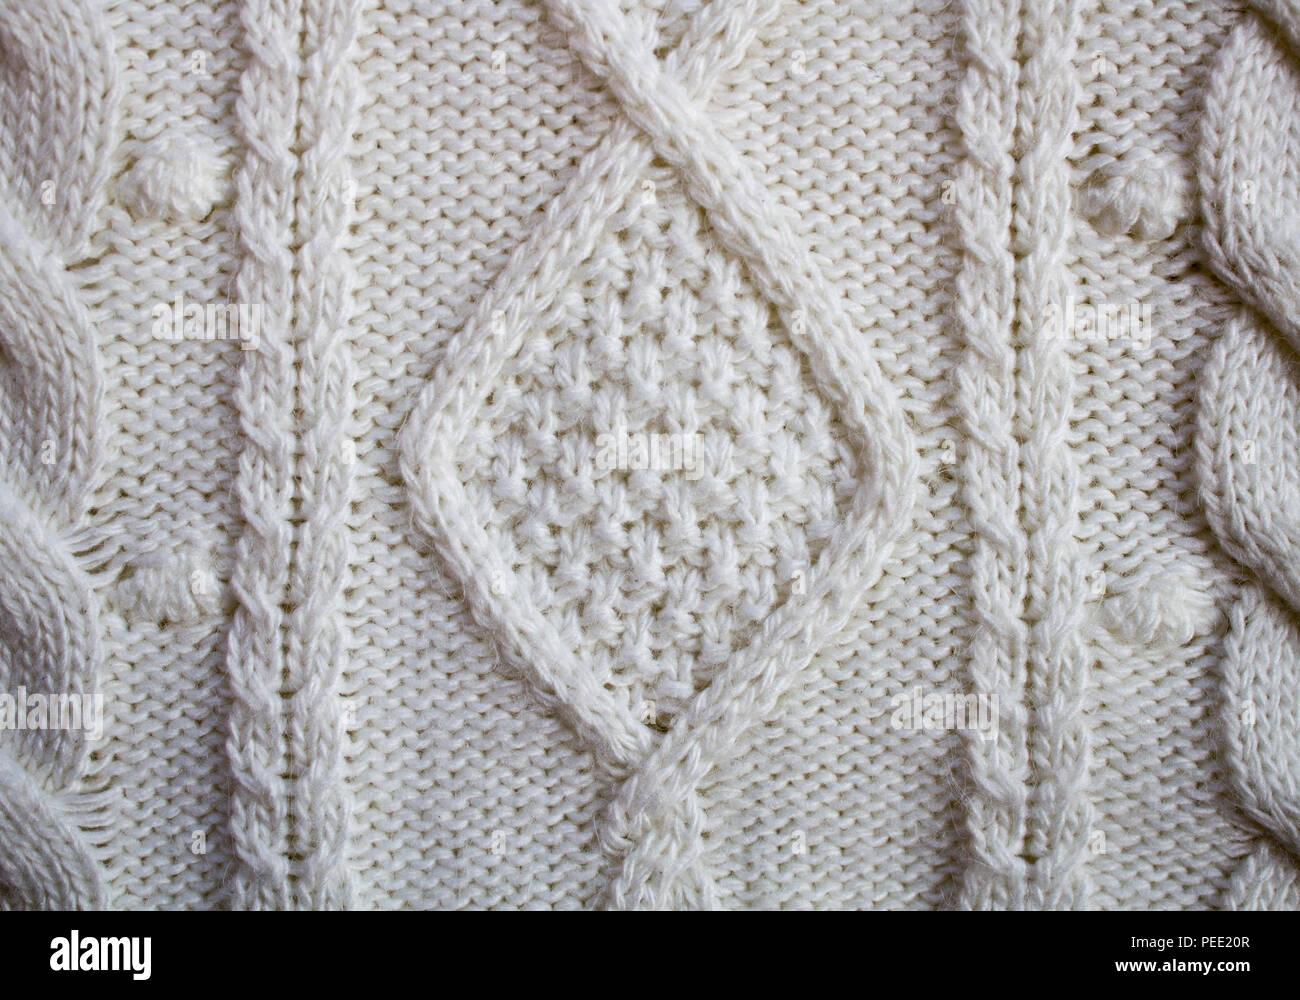 5d4634dc212272 Sweater Texture Stock Photos   Sweater Texture Stock Images - Alamy